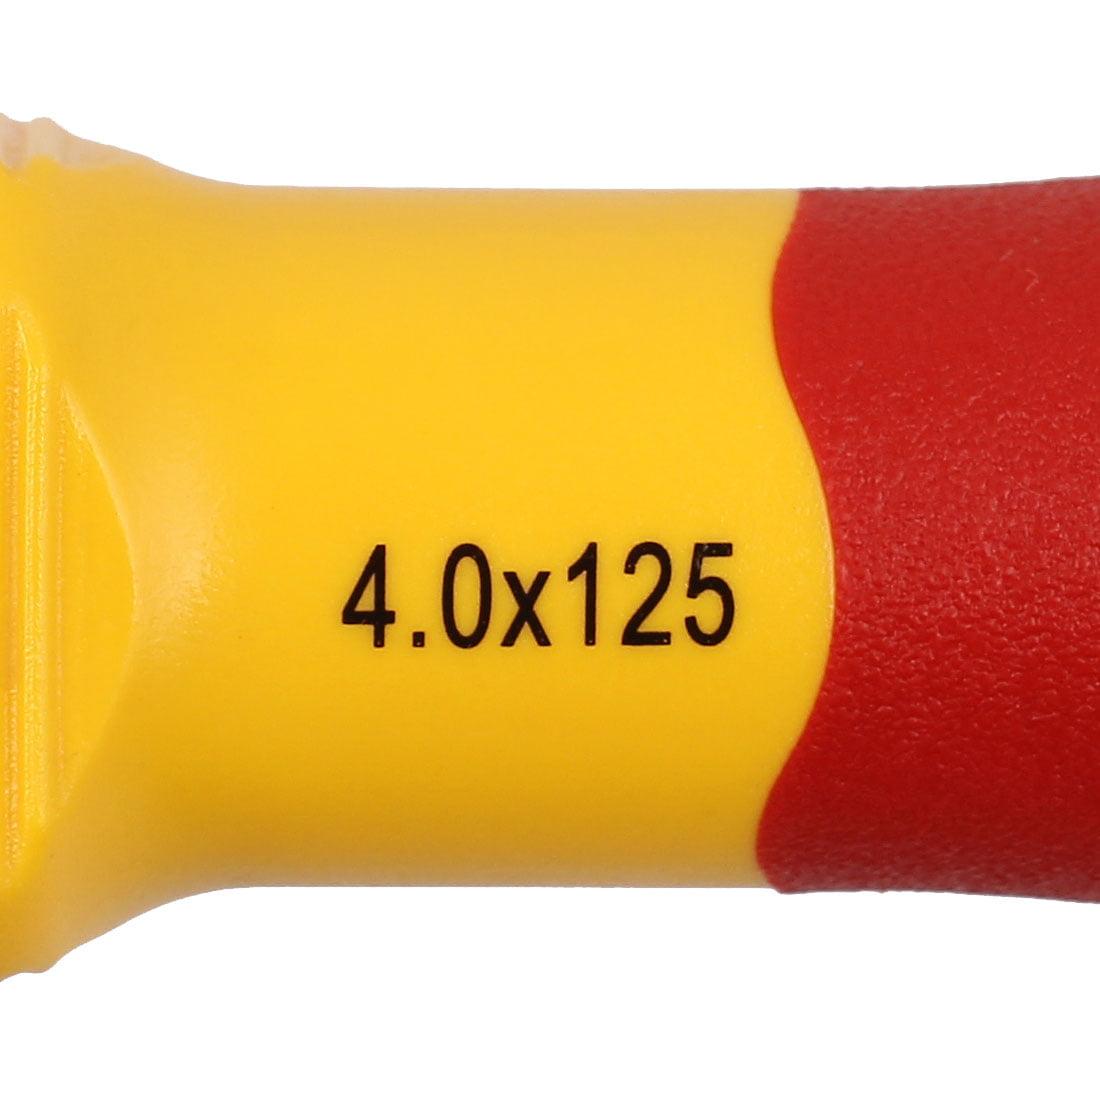 booher VDE Prise hexagonale 4mm 125mm de longueur isolée écrou Tournevis - image 2 de 6